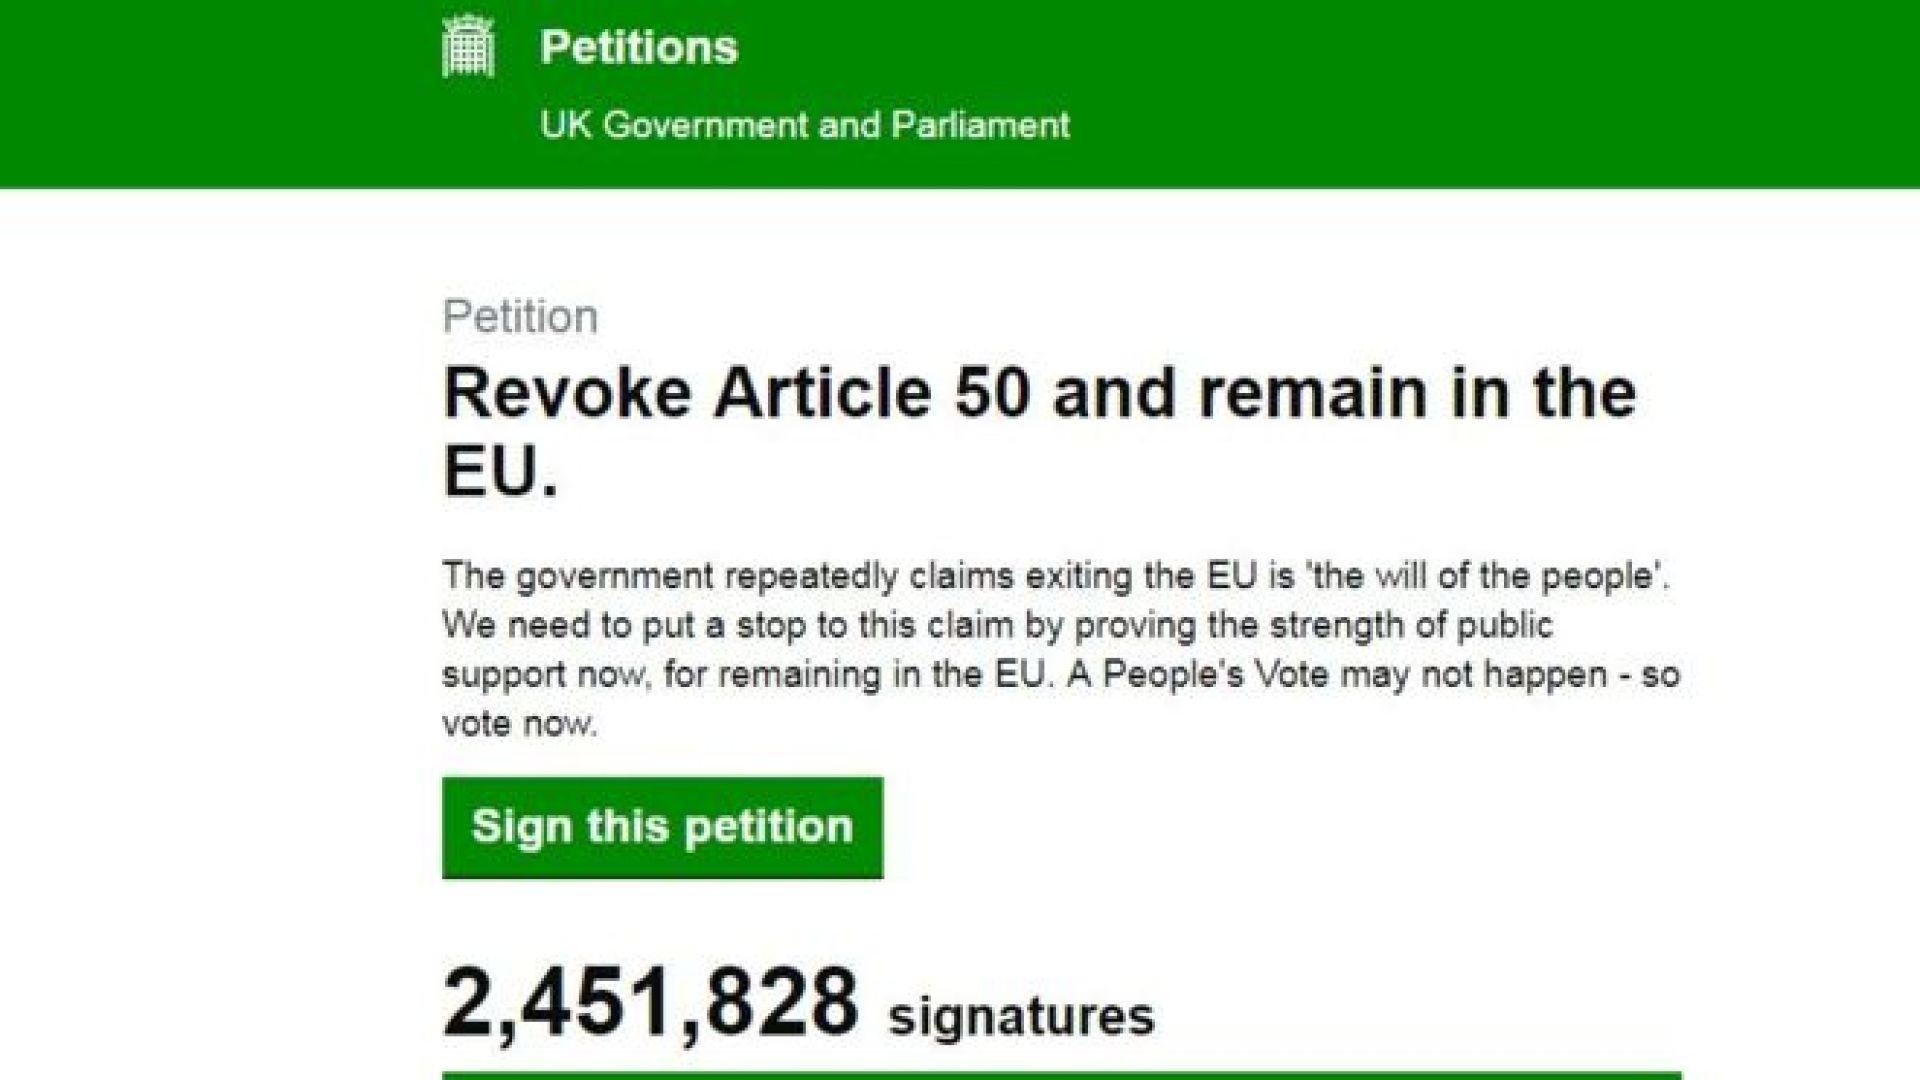 Петицията, призоваваща Тереза Мей да отмени Брекзит чрез изтегляне на